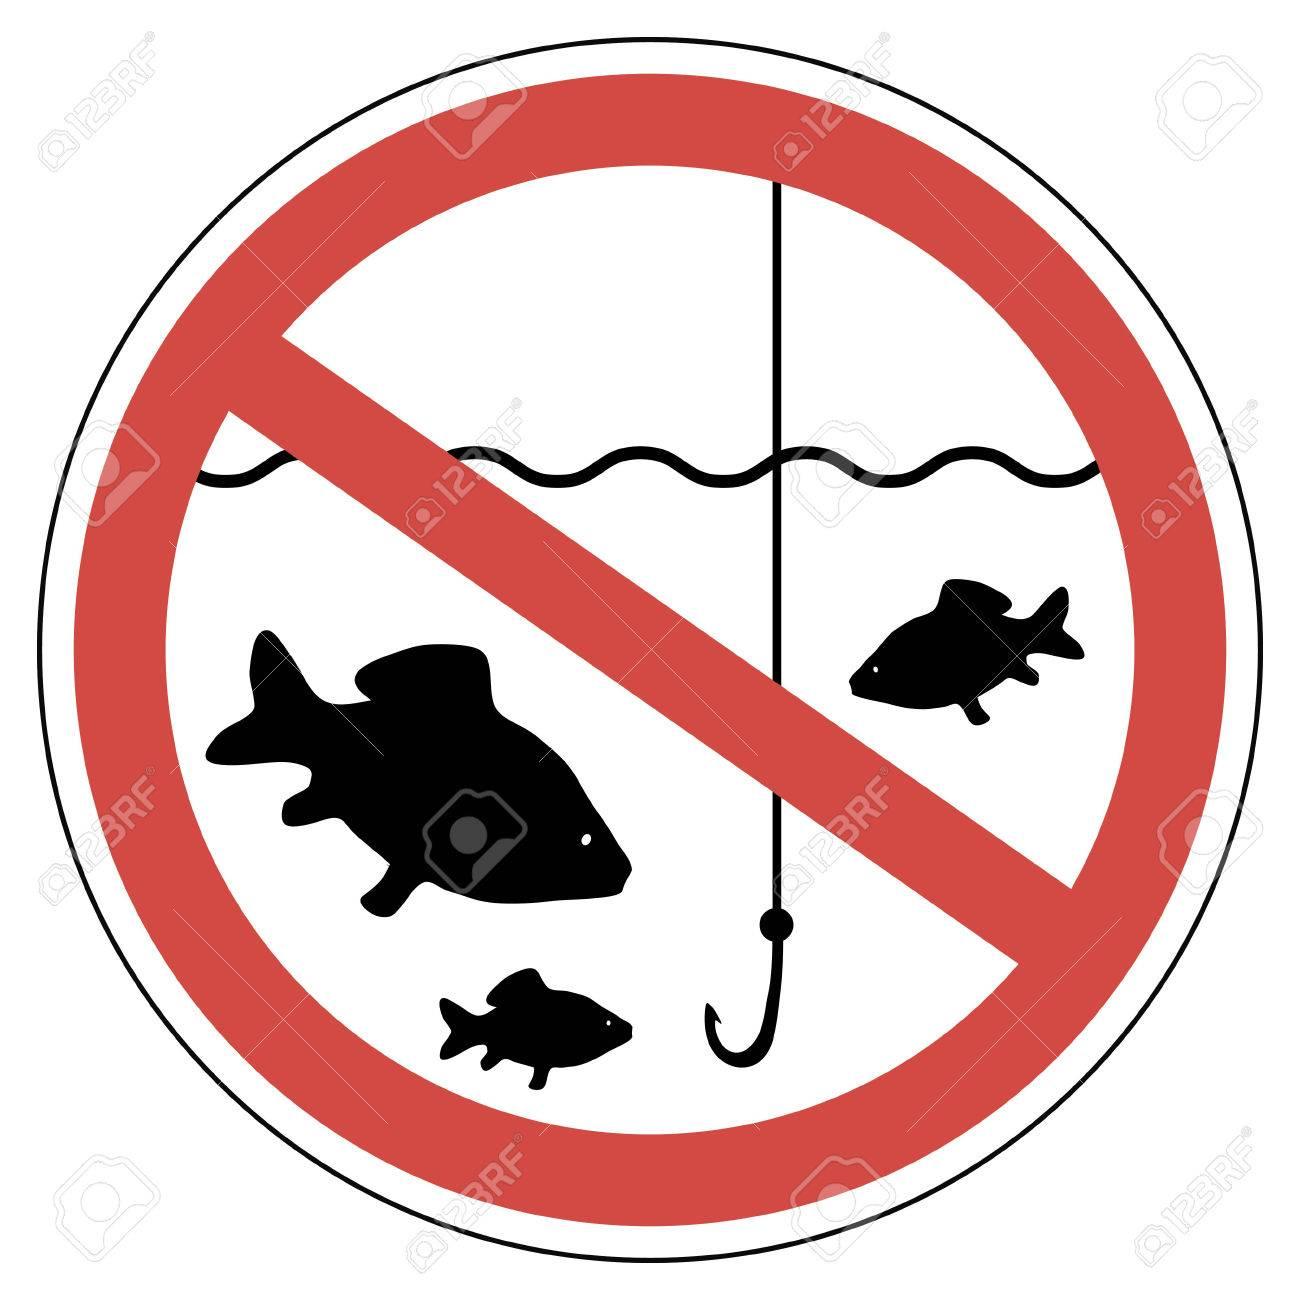 1300x1300 283 No Fishing Stock Vector Illustration And Royalty Free No